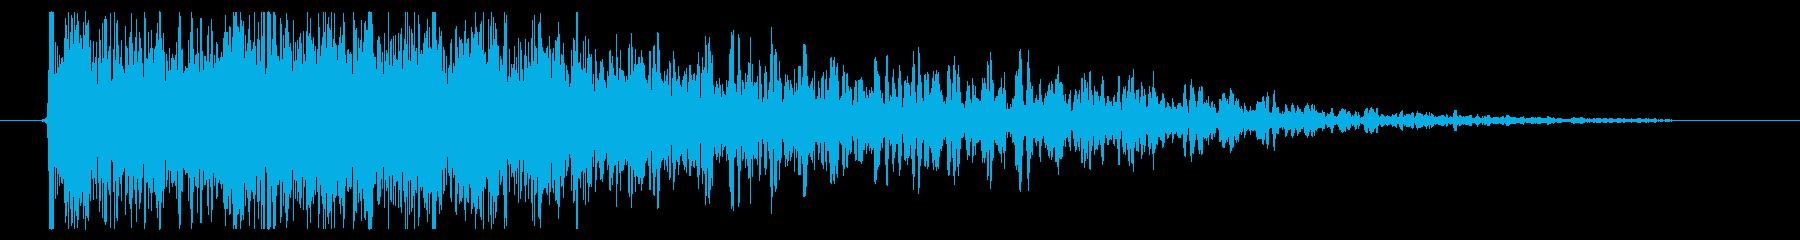 インパクトパワーダウンクイックスイープの再生済みの波形